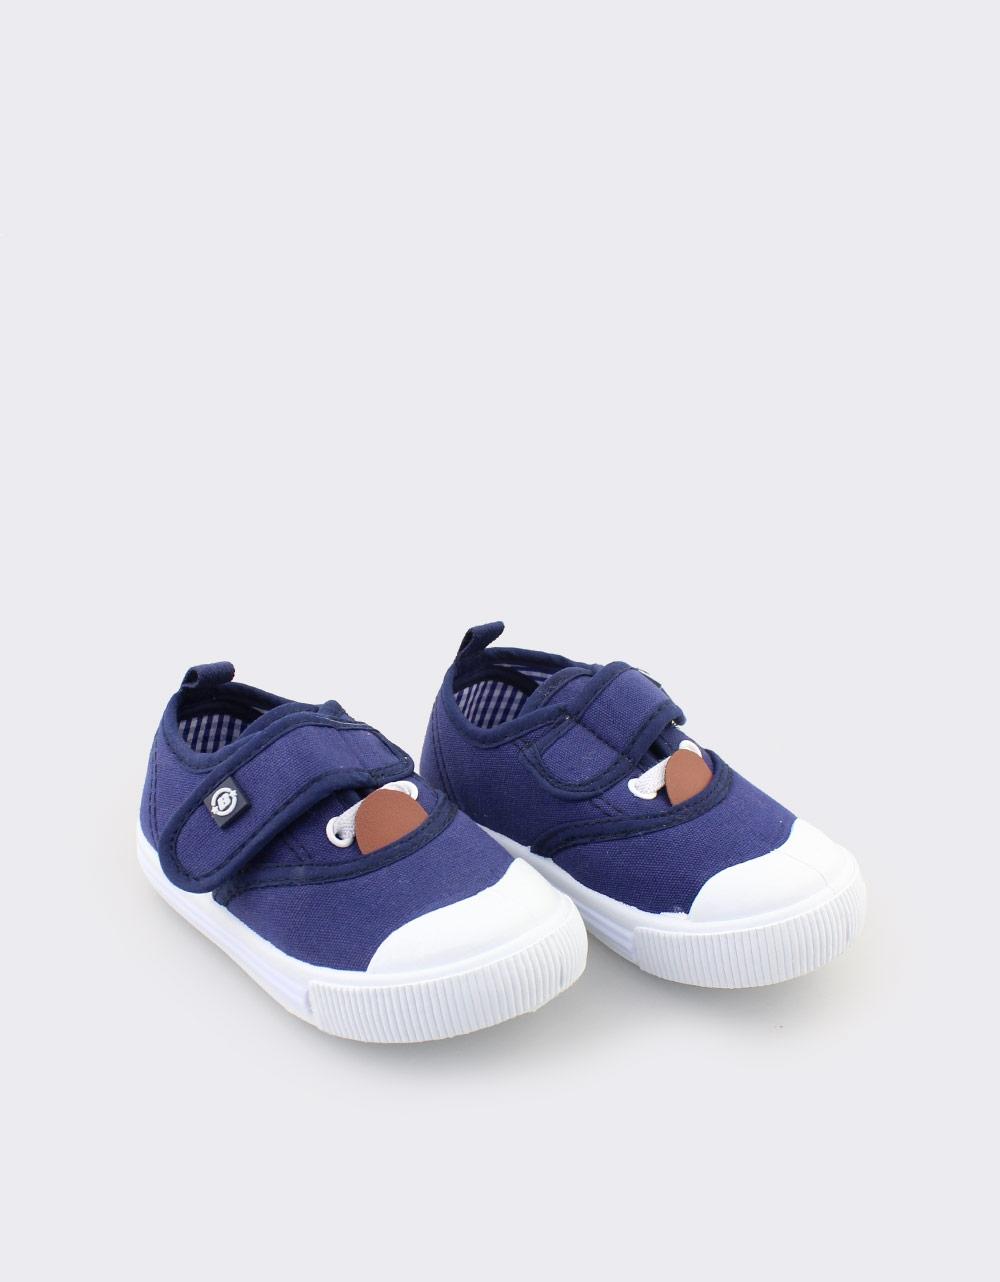 Εικόνα από Παιδικά sneakers με αυτοκόλλητο Navy